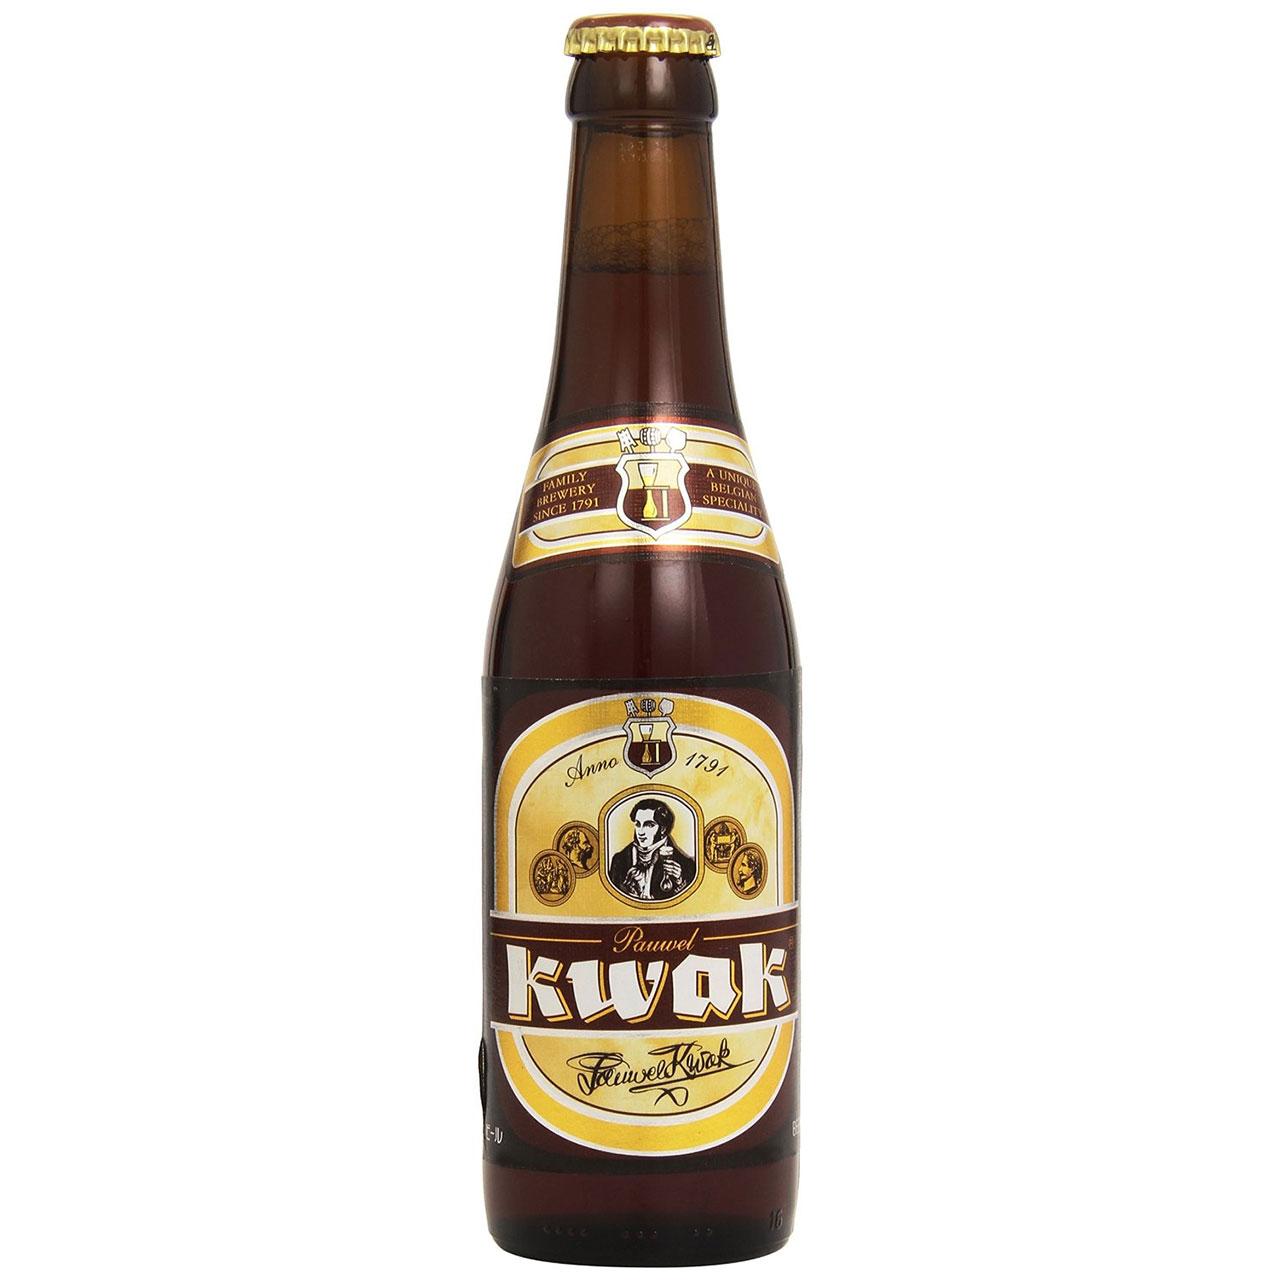 お酒 お中元 ギフト パウエルクワック330ml 24本 ベルギービール クラフトビール ケース販売 プレゼント